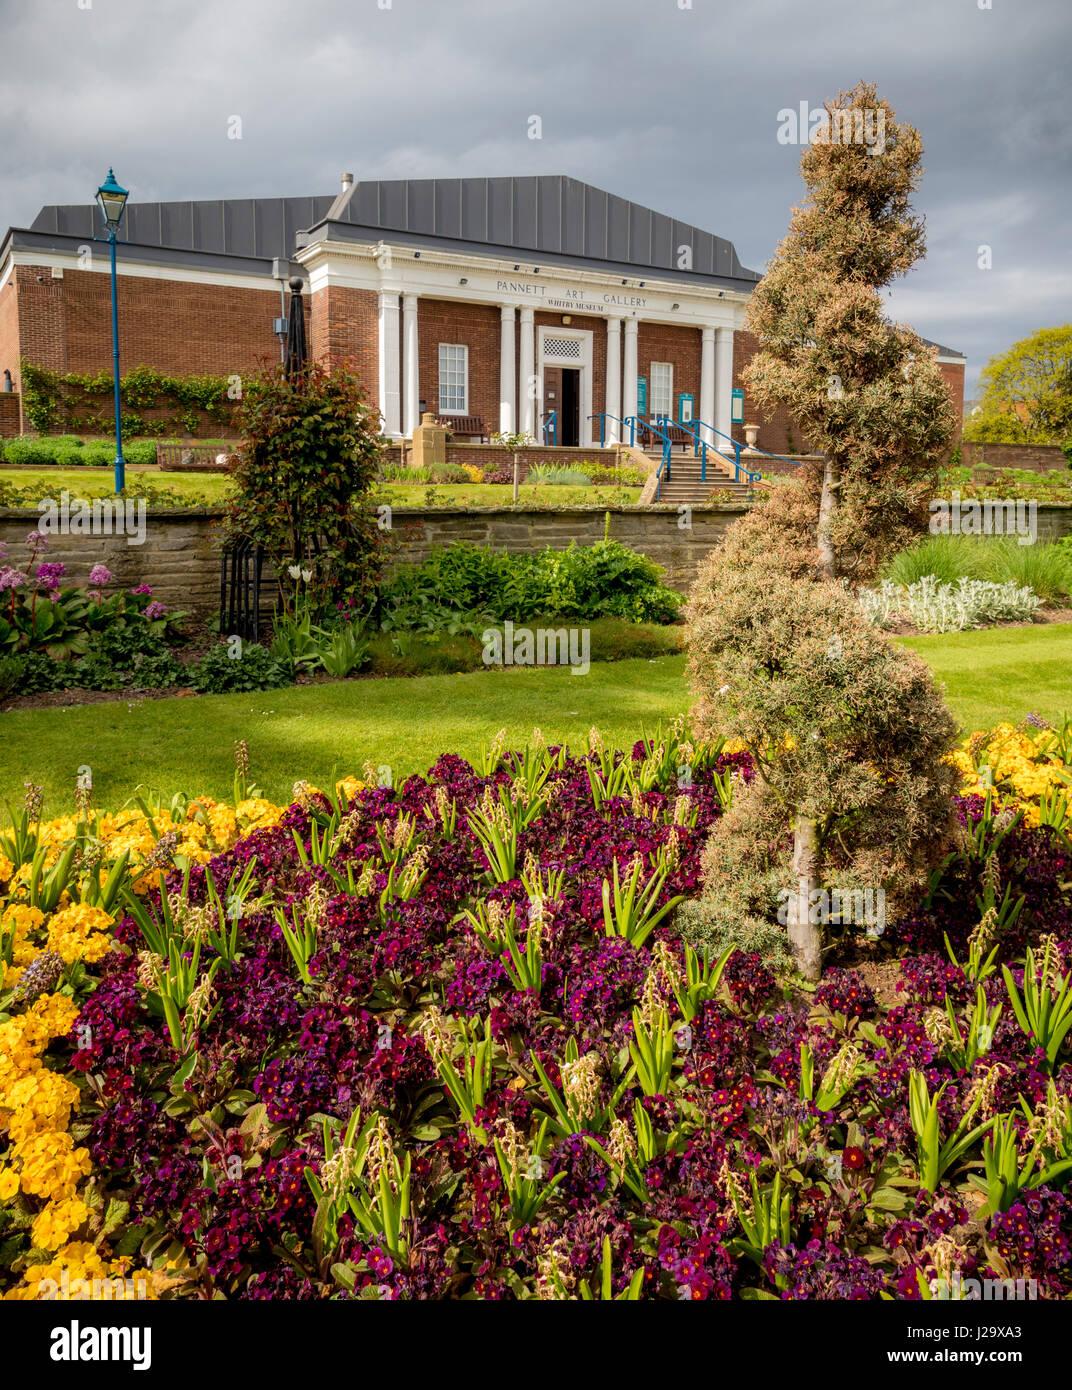 Pannett Art Gallery and Whitby Museum in Pannett Gardens, Whitby, UK. - Stock Image